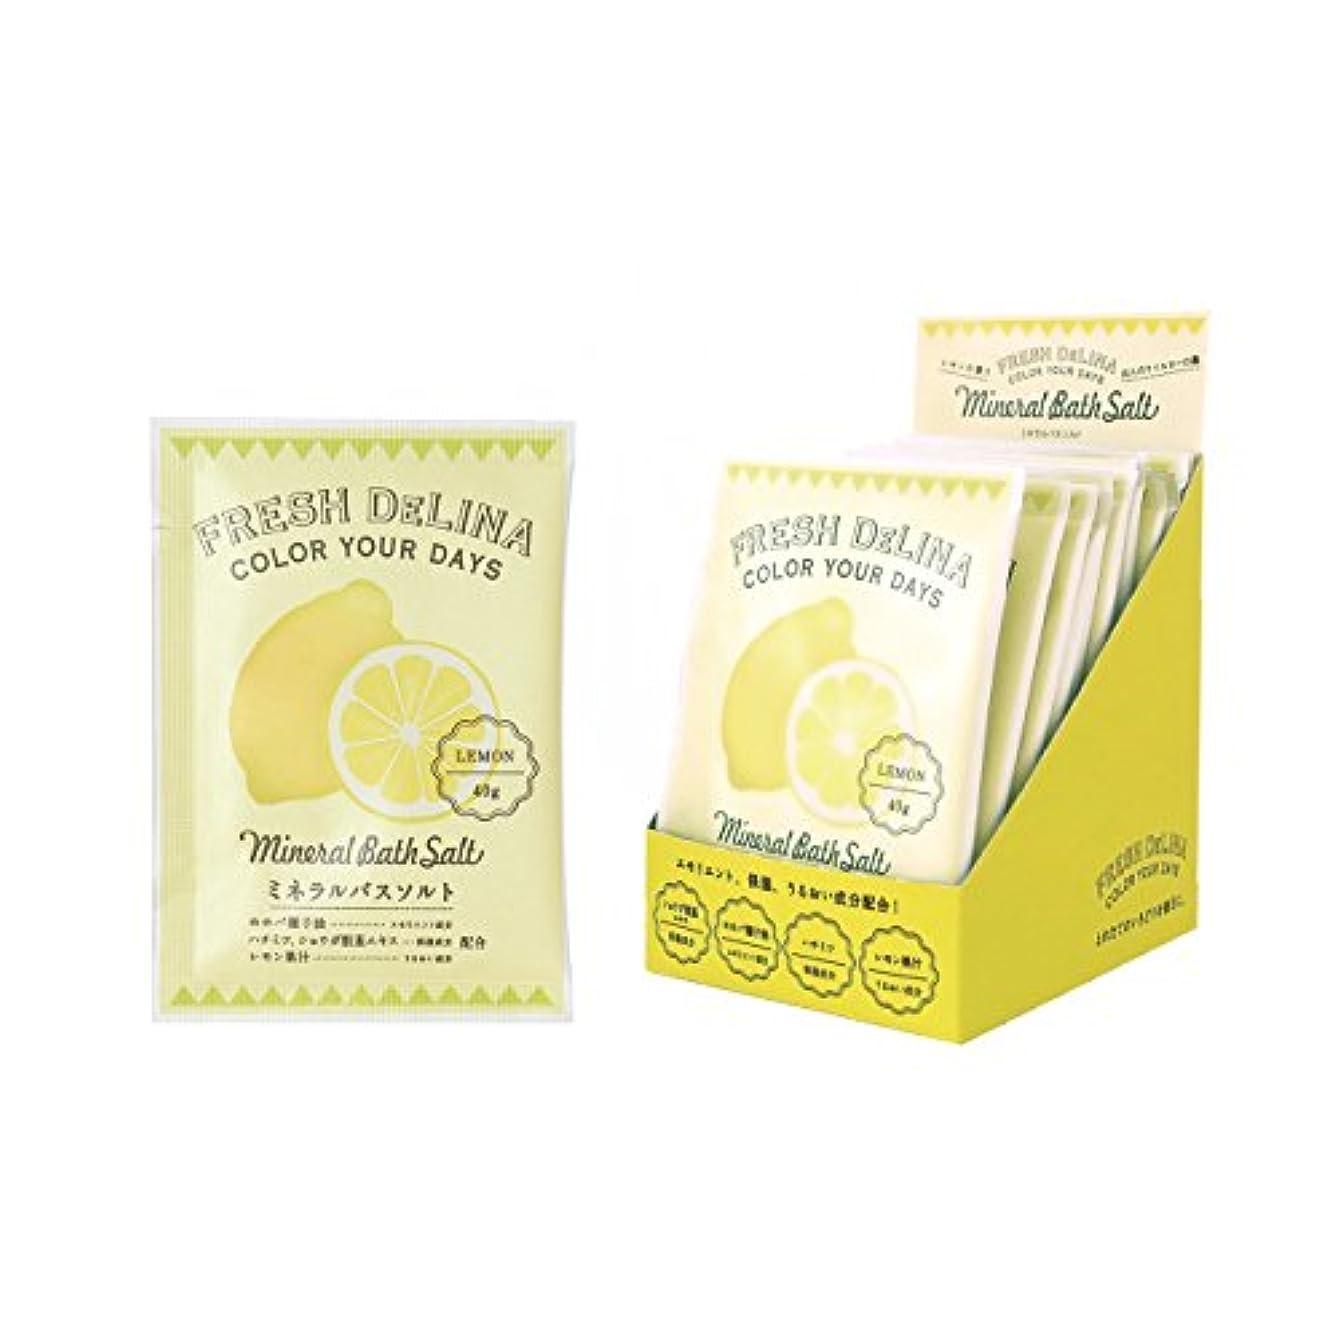 失望させる鈍いシリングフレッシュデリーナ ミネラルバスソルト40g(レモン) 12個 (海塩タイプ入浴料 日本製 どこかなつかしいフレッシュなレモンの香り)